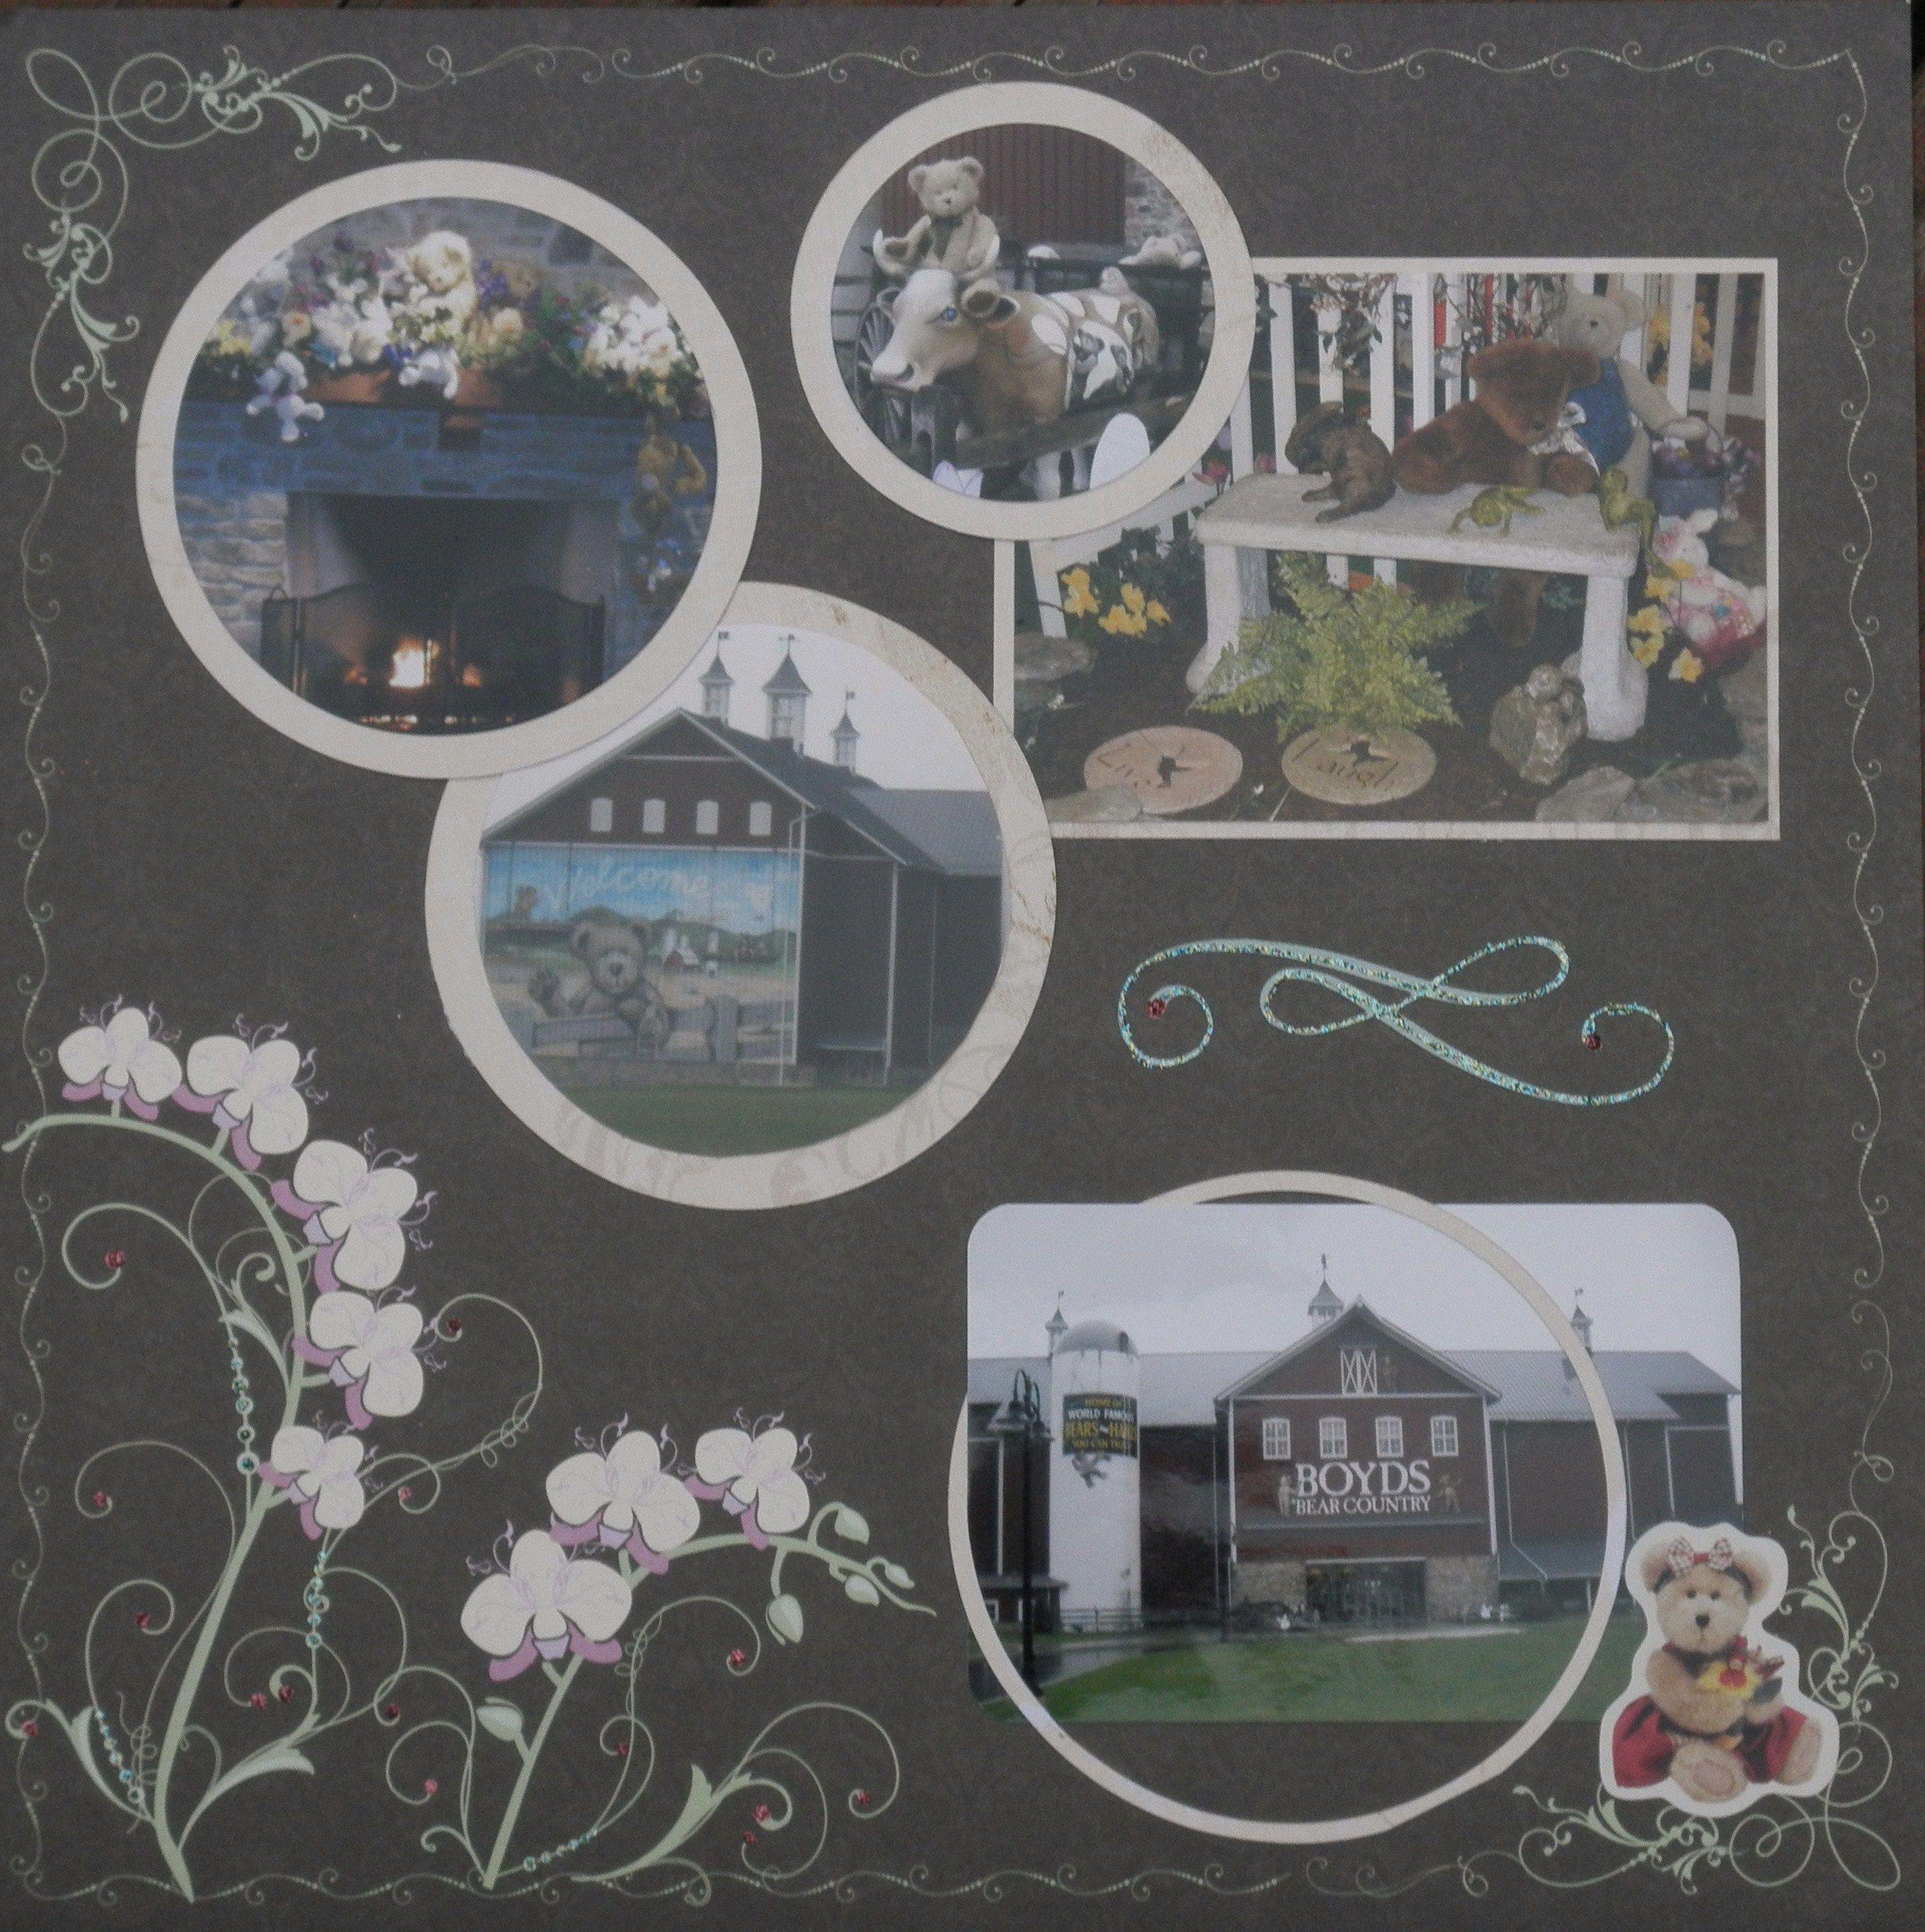 Boyds Bear Factory Layout - Scrapbook.com